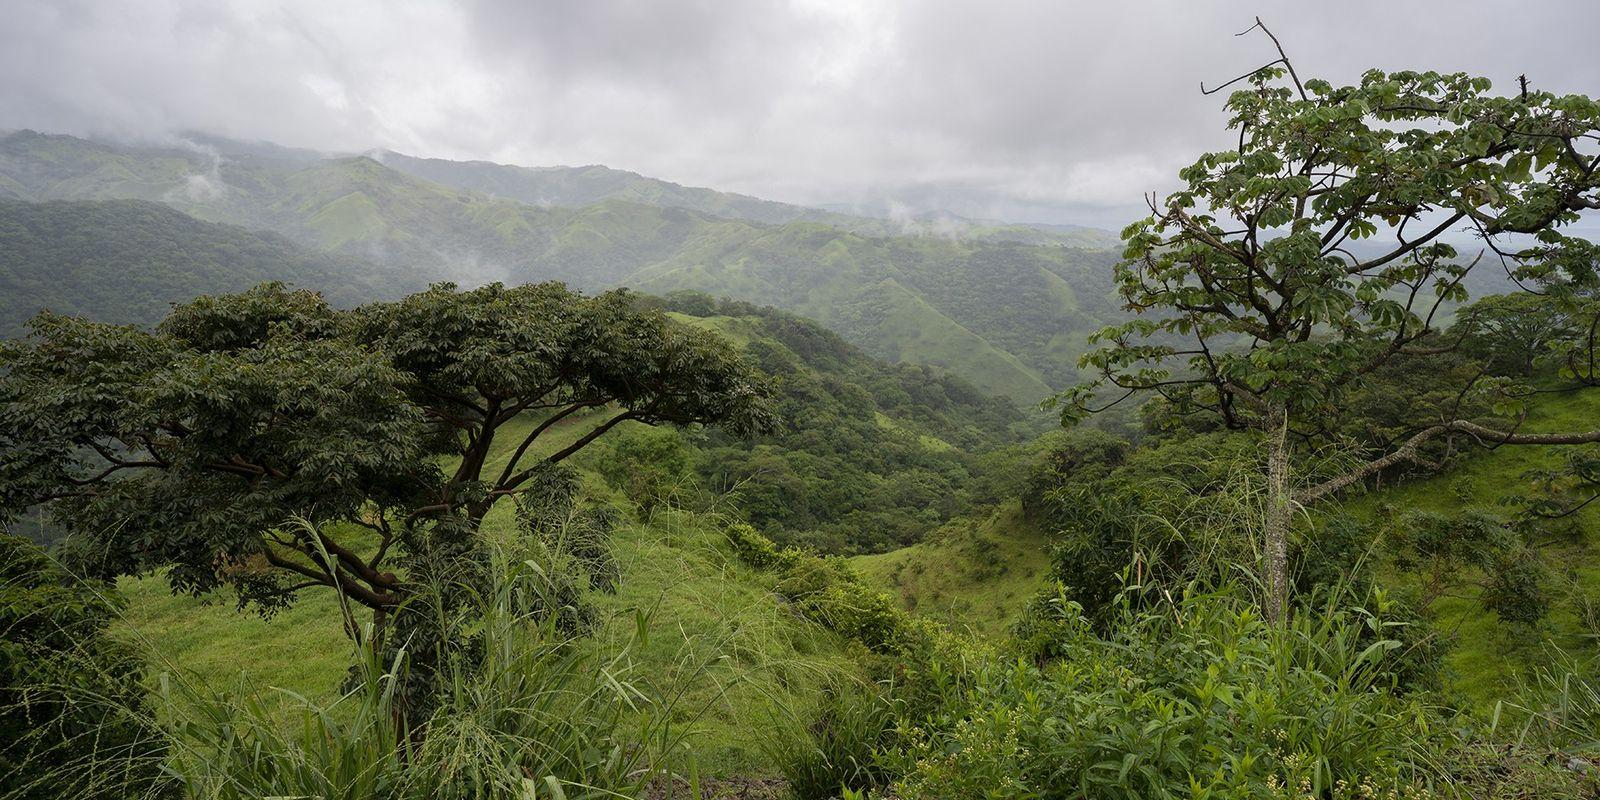 Costa Rica: Als Land klein, doch in Sachen Nachhaltigkeit ganz groß